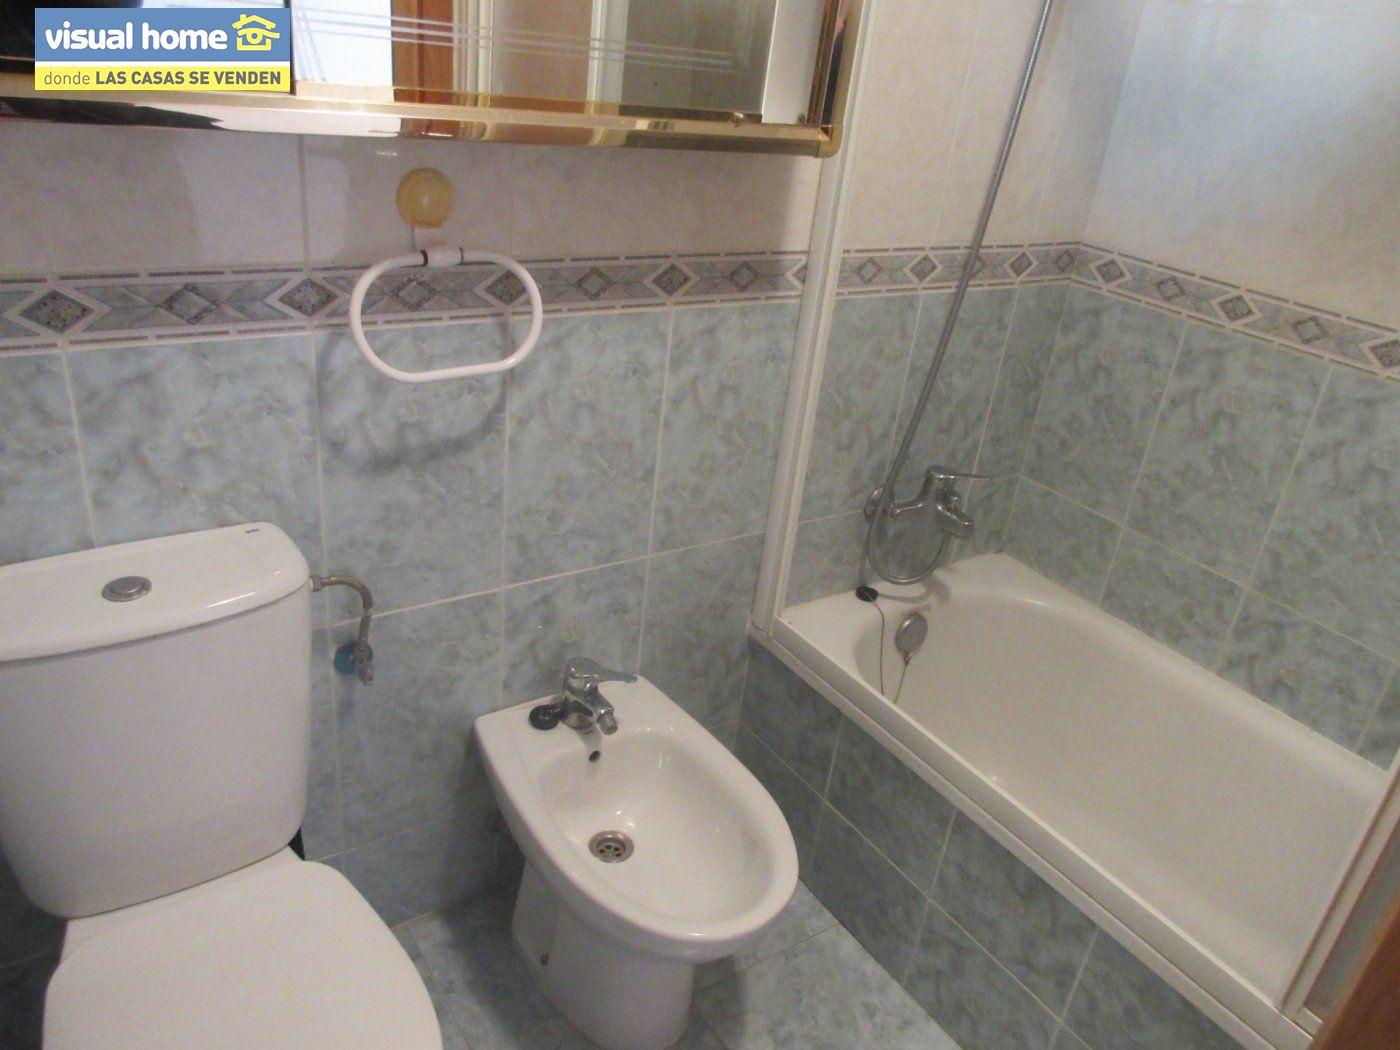 Apartamento 1 dormitorio con vistas espectaculares con parking y piscina en Rincón de Loix llano 21